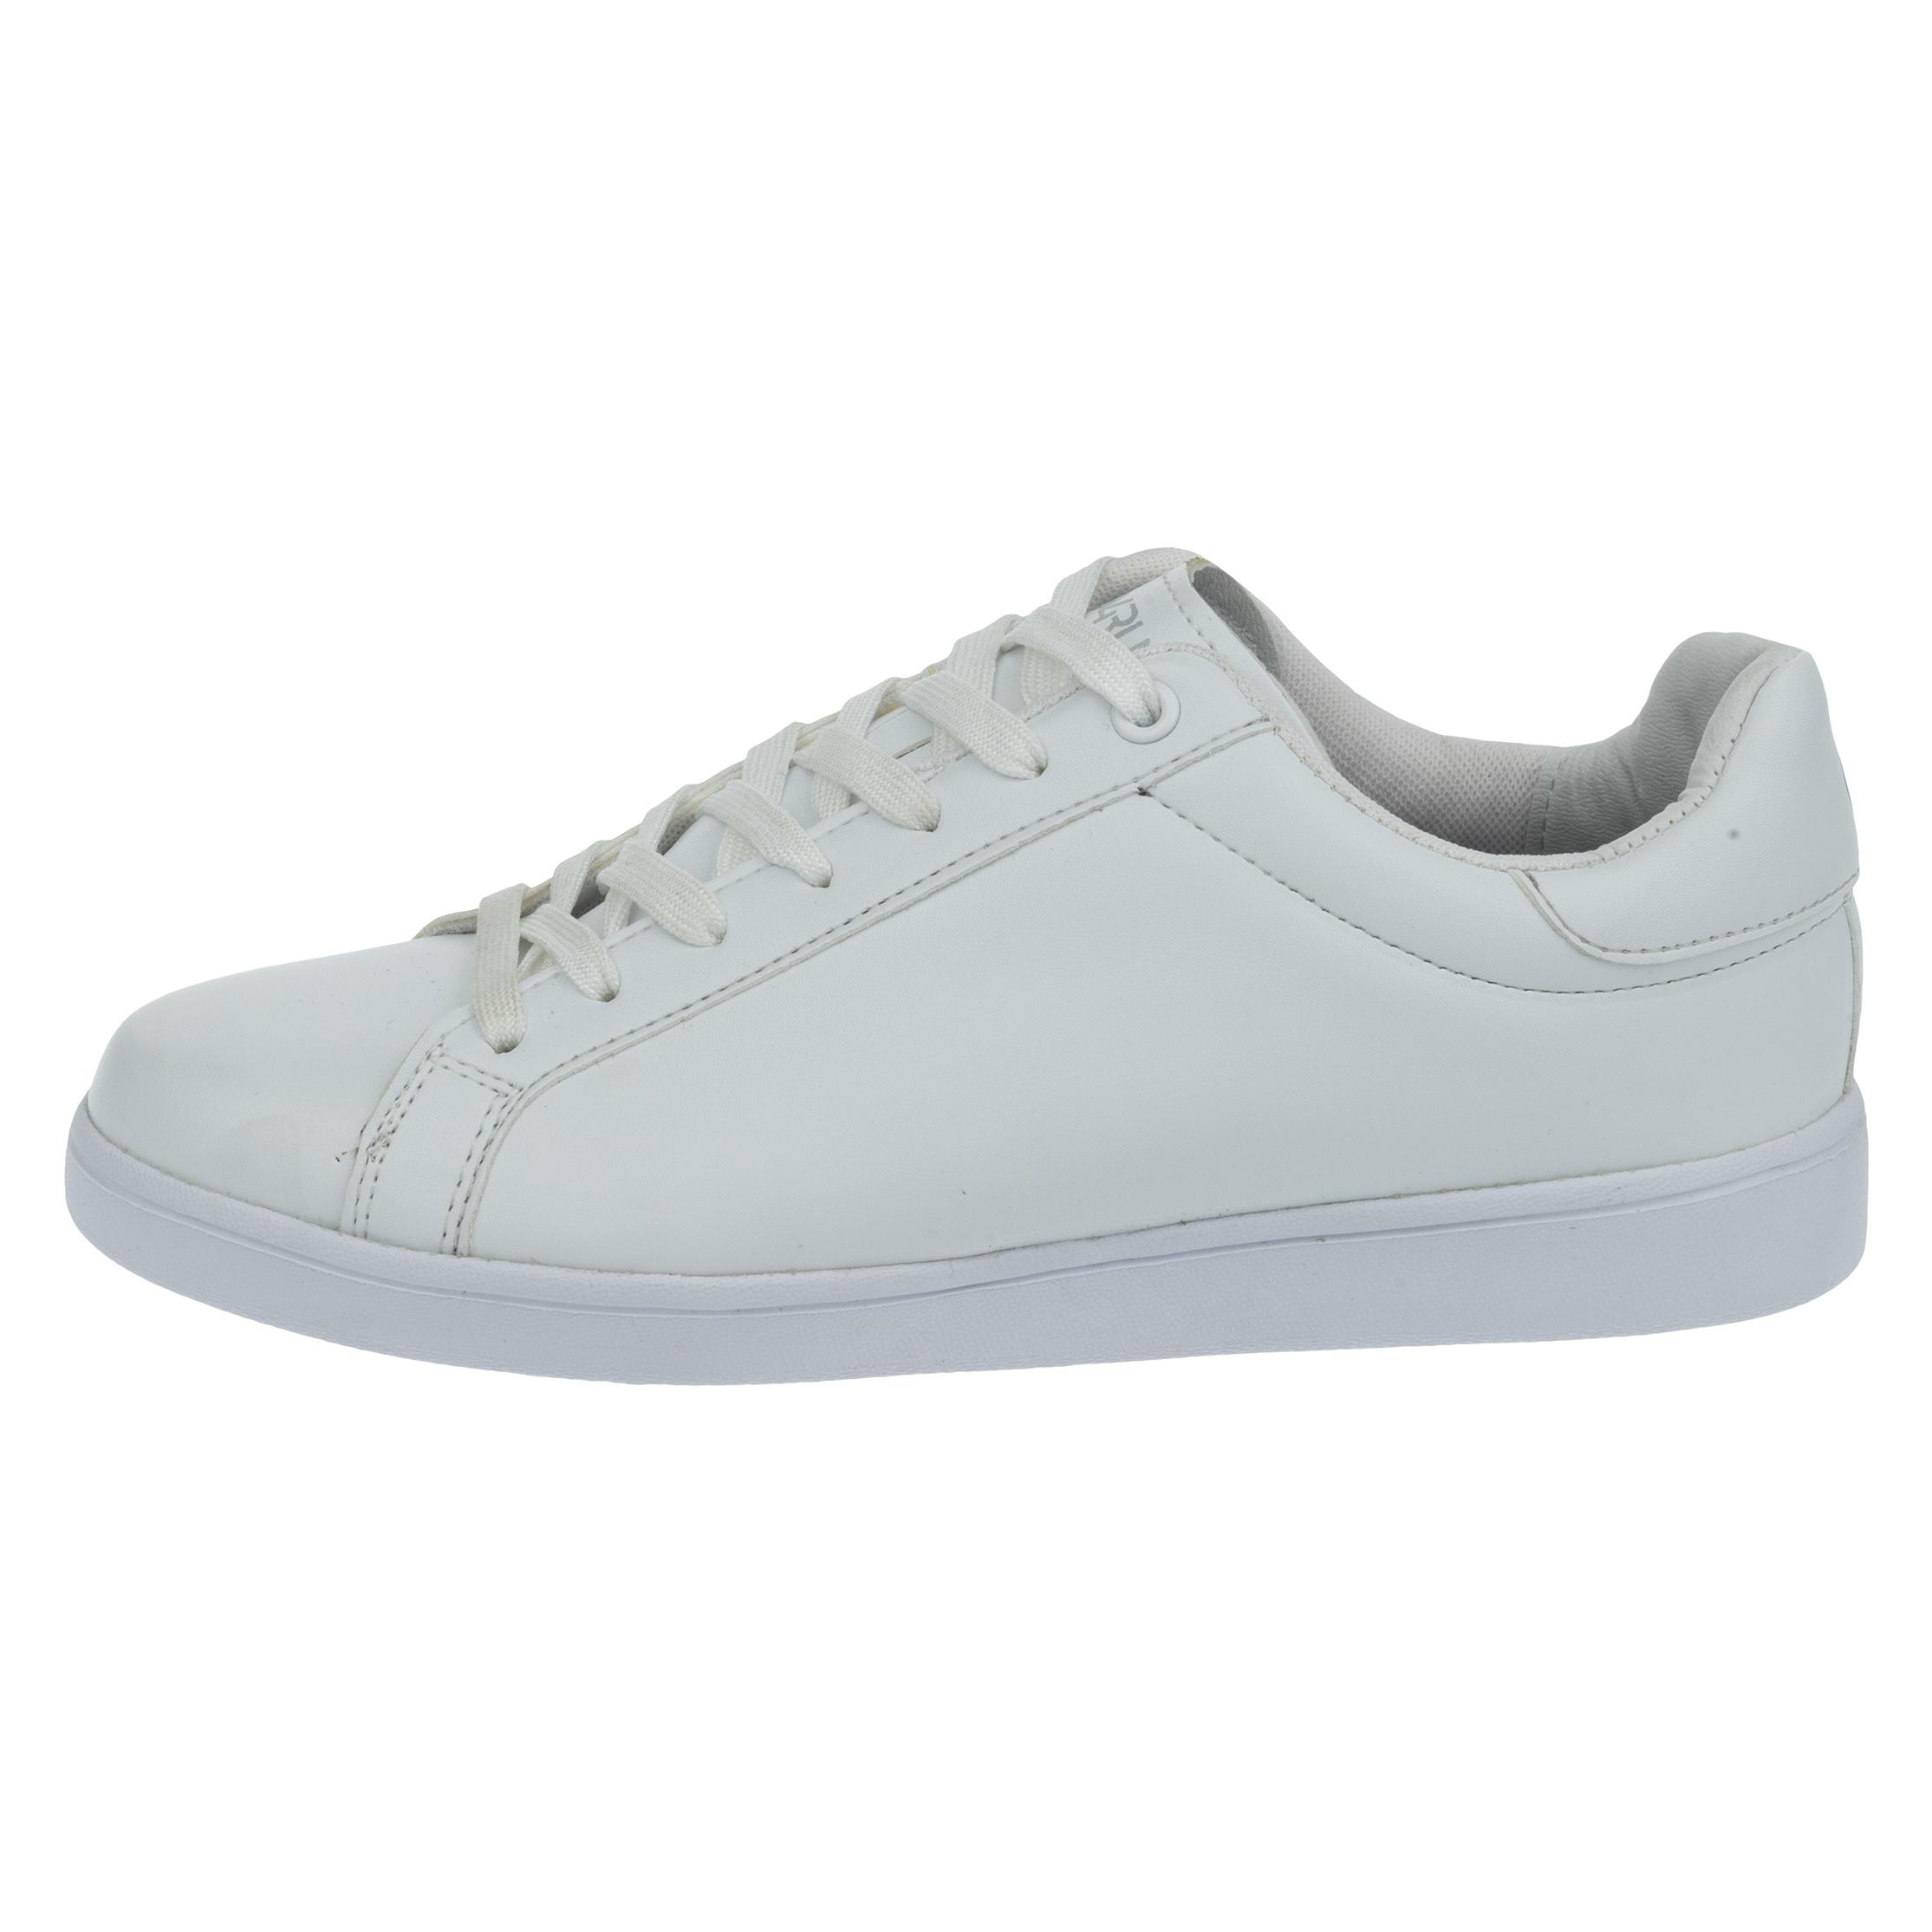 کفش ورزشی زنانه بی فور ران مدل 981121-01